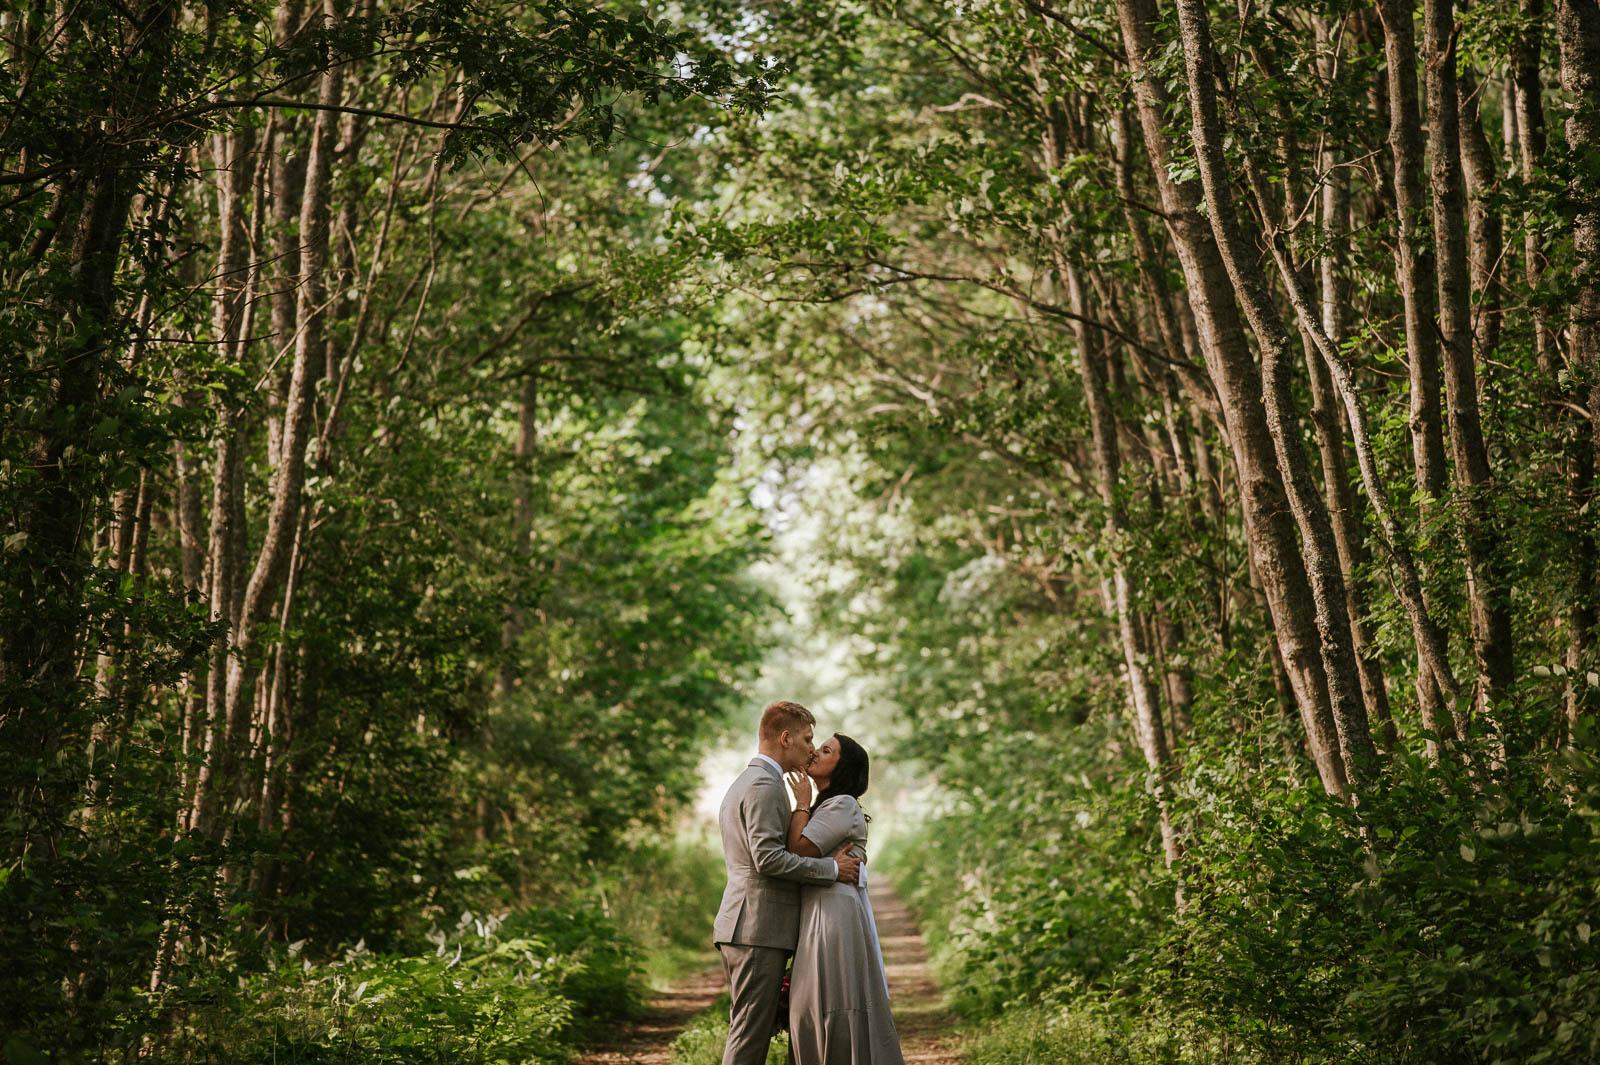 mari-liis-rannes-wedding-pulm-pulmafotograaf-mait-juriado-05